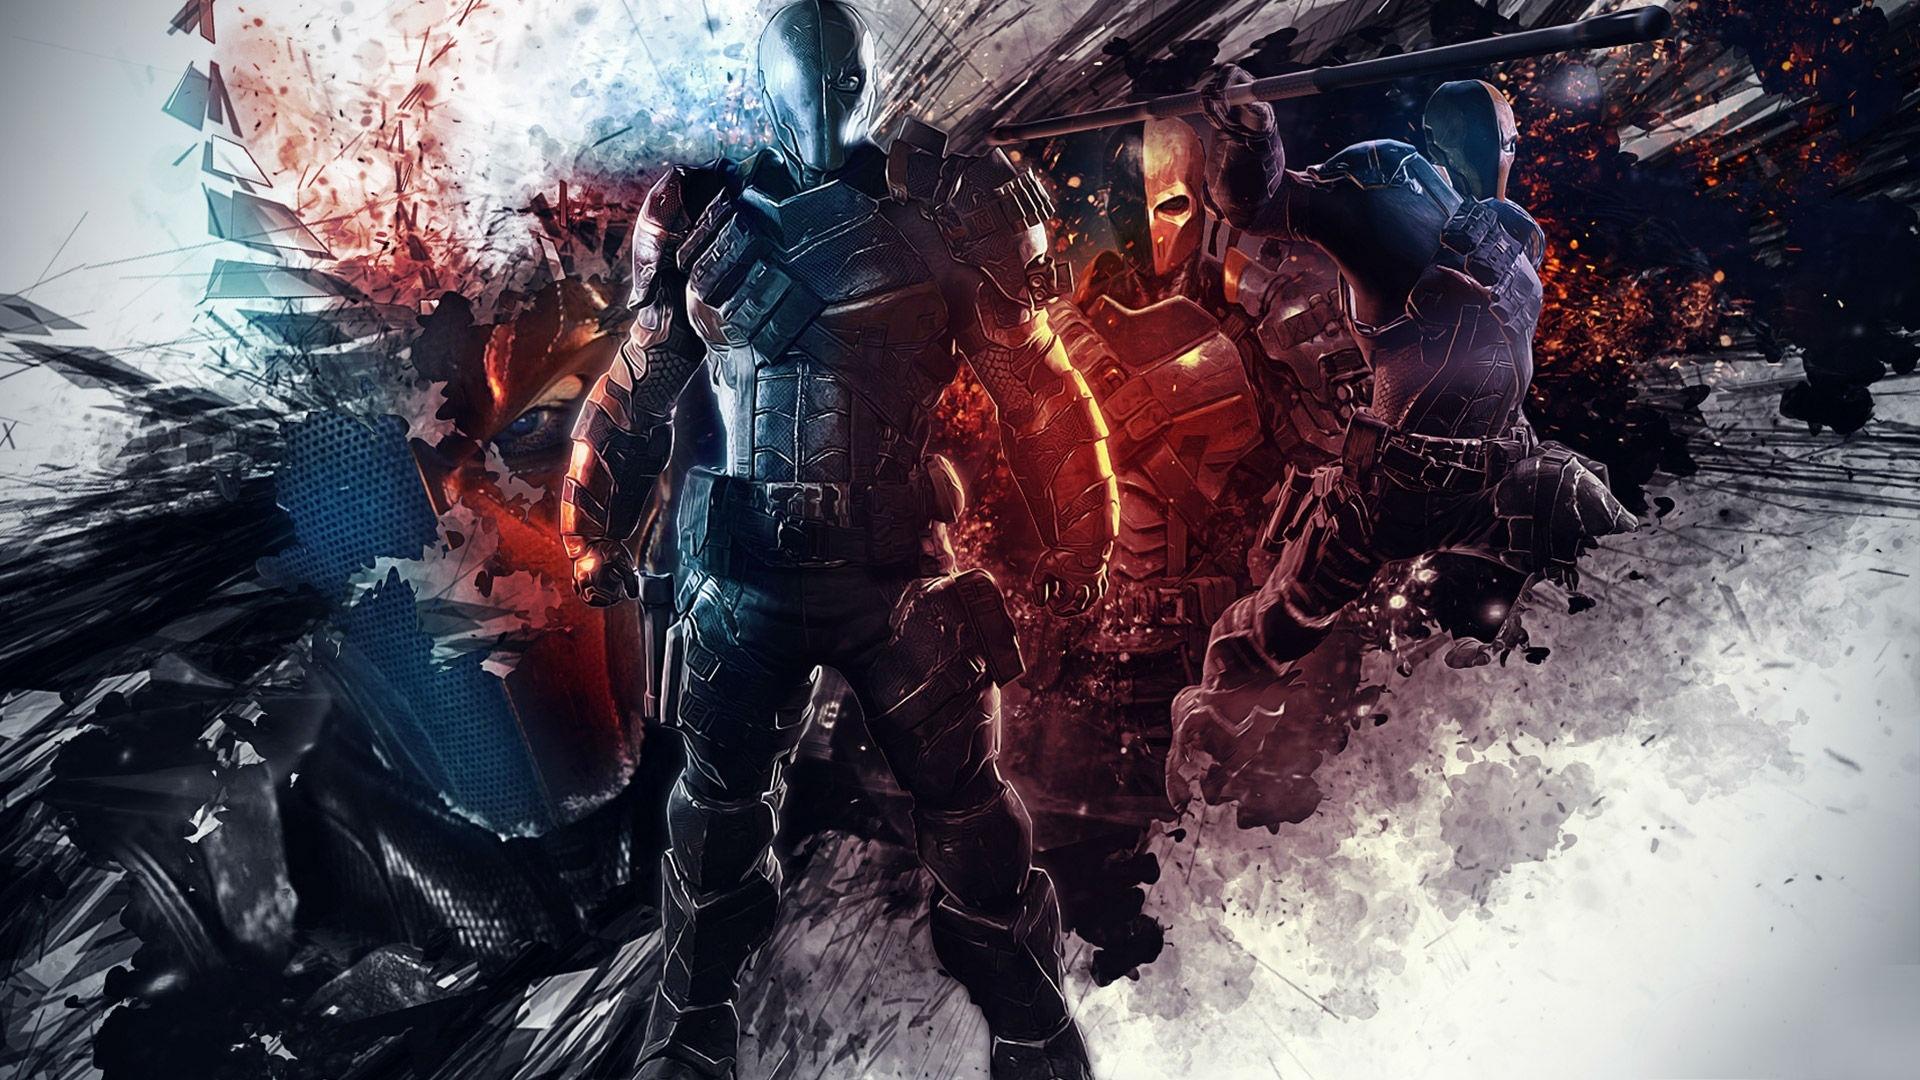 Deadpool Vs Deathstroke Wallpaper Desktop Background - Wickedsa com